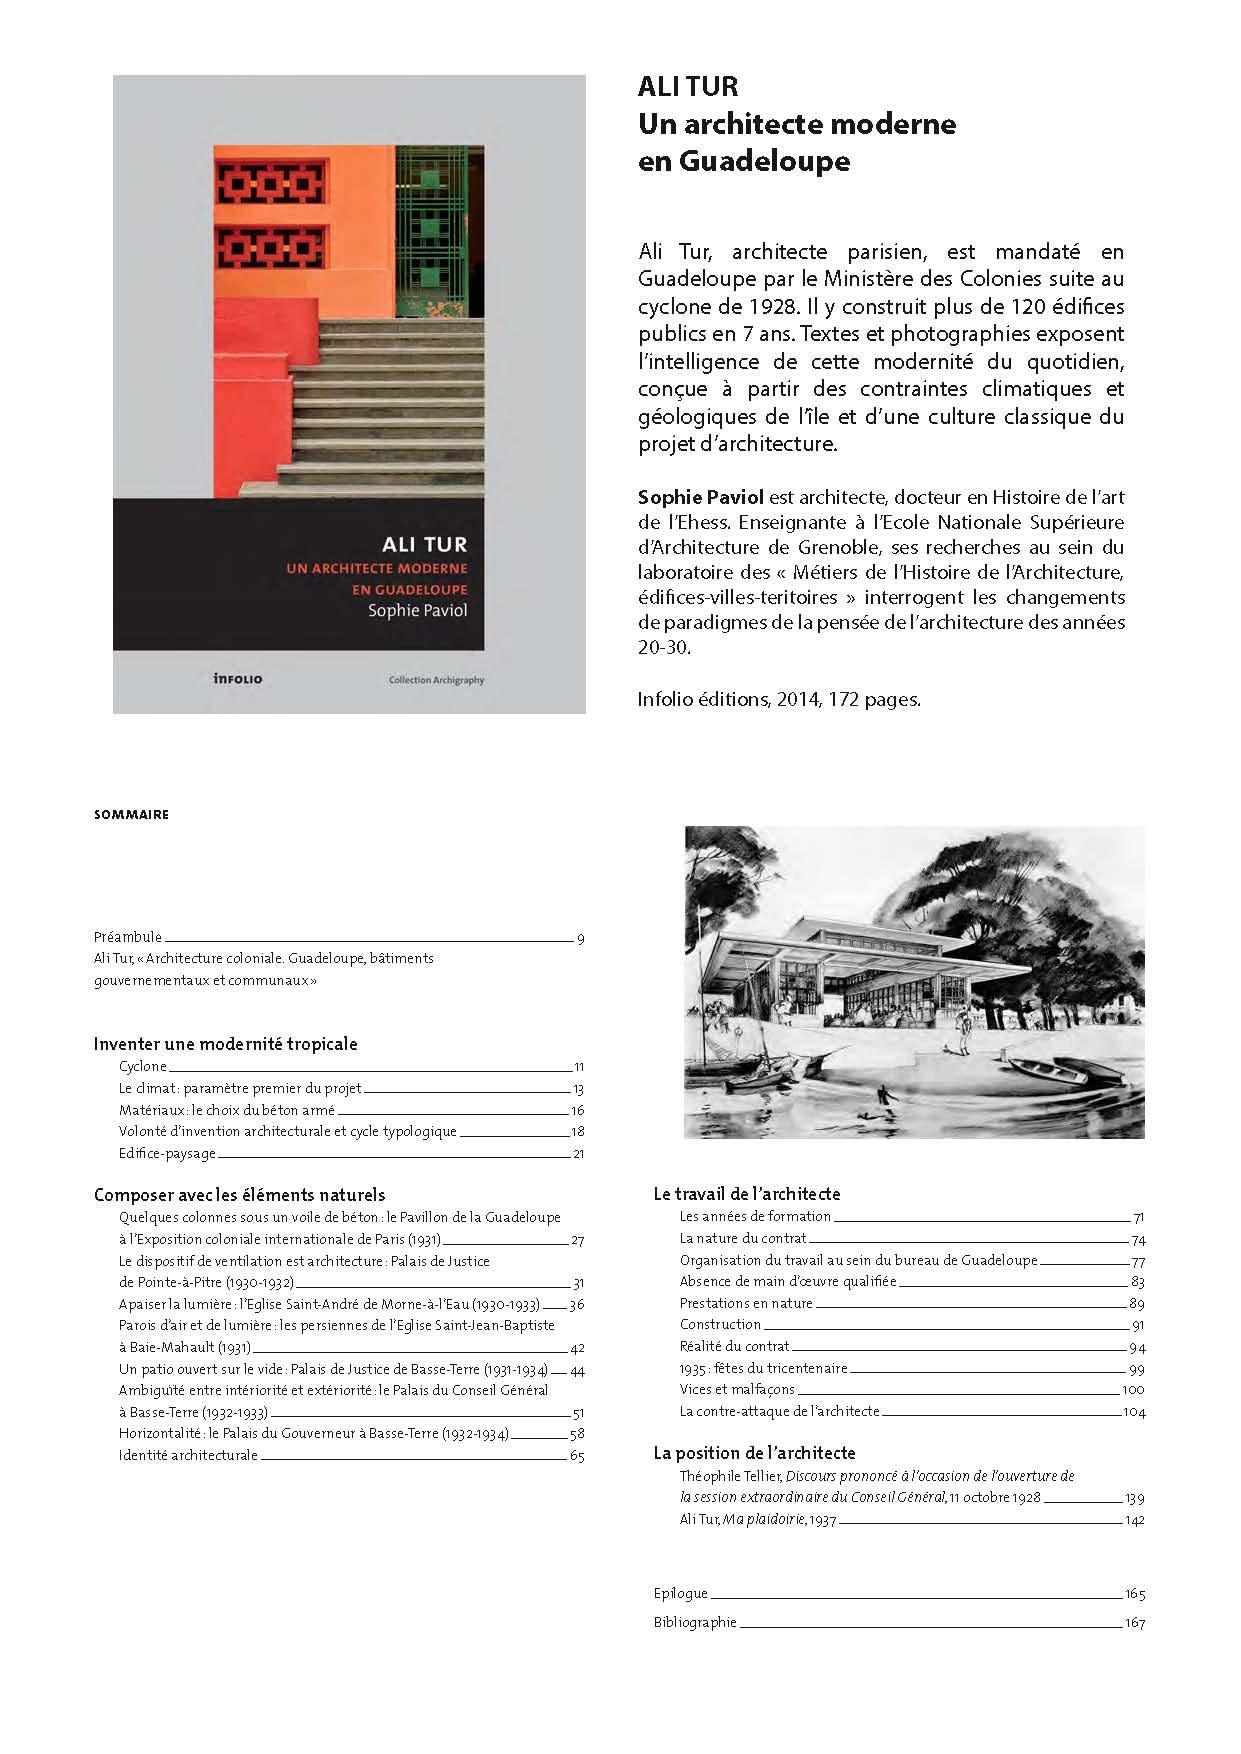 archilecture-ali-tur-un-architecte-moderne-en-guadeloupe-par-sophie-paviol-3